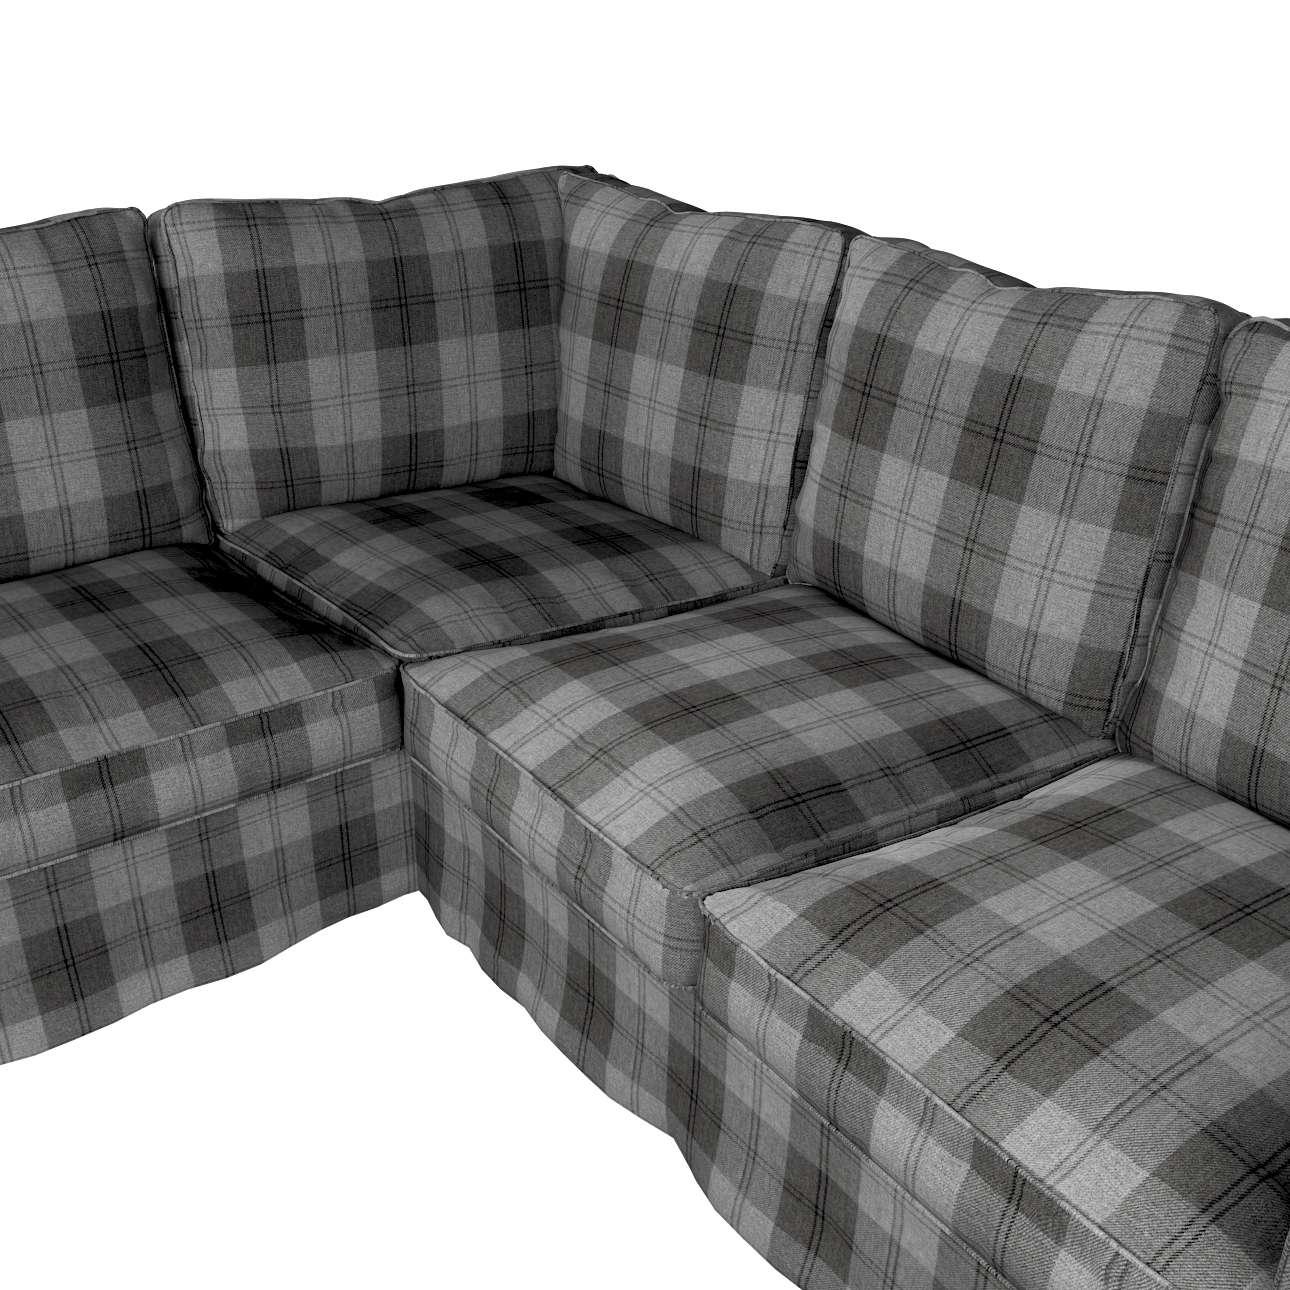 Pokrowiec na sofę narożną Ektorp w kolekcji Edinburgh, tkanina: 115-75